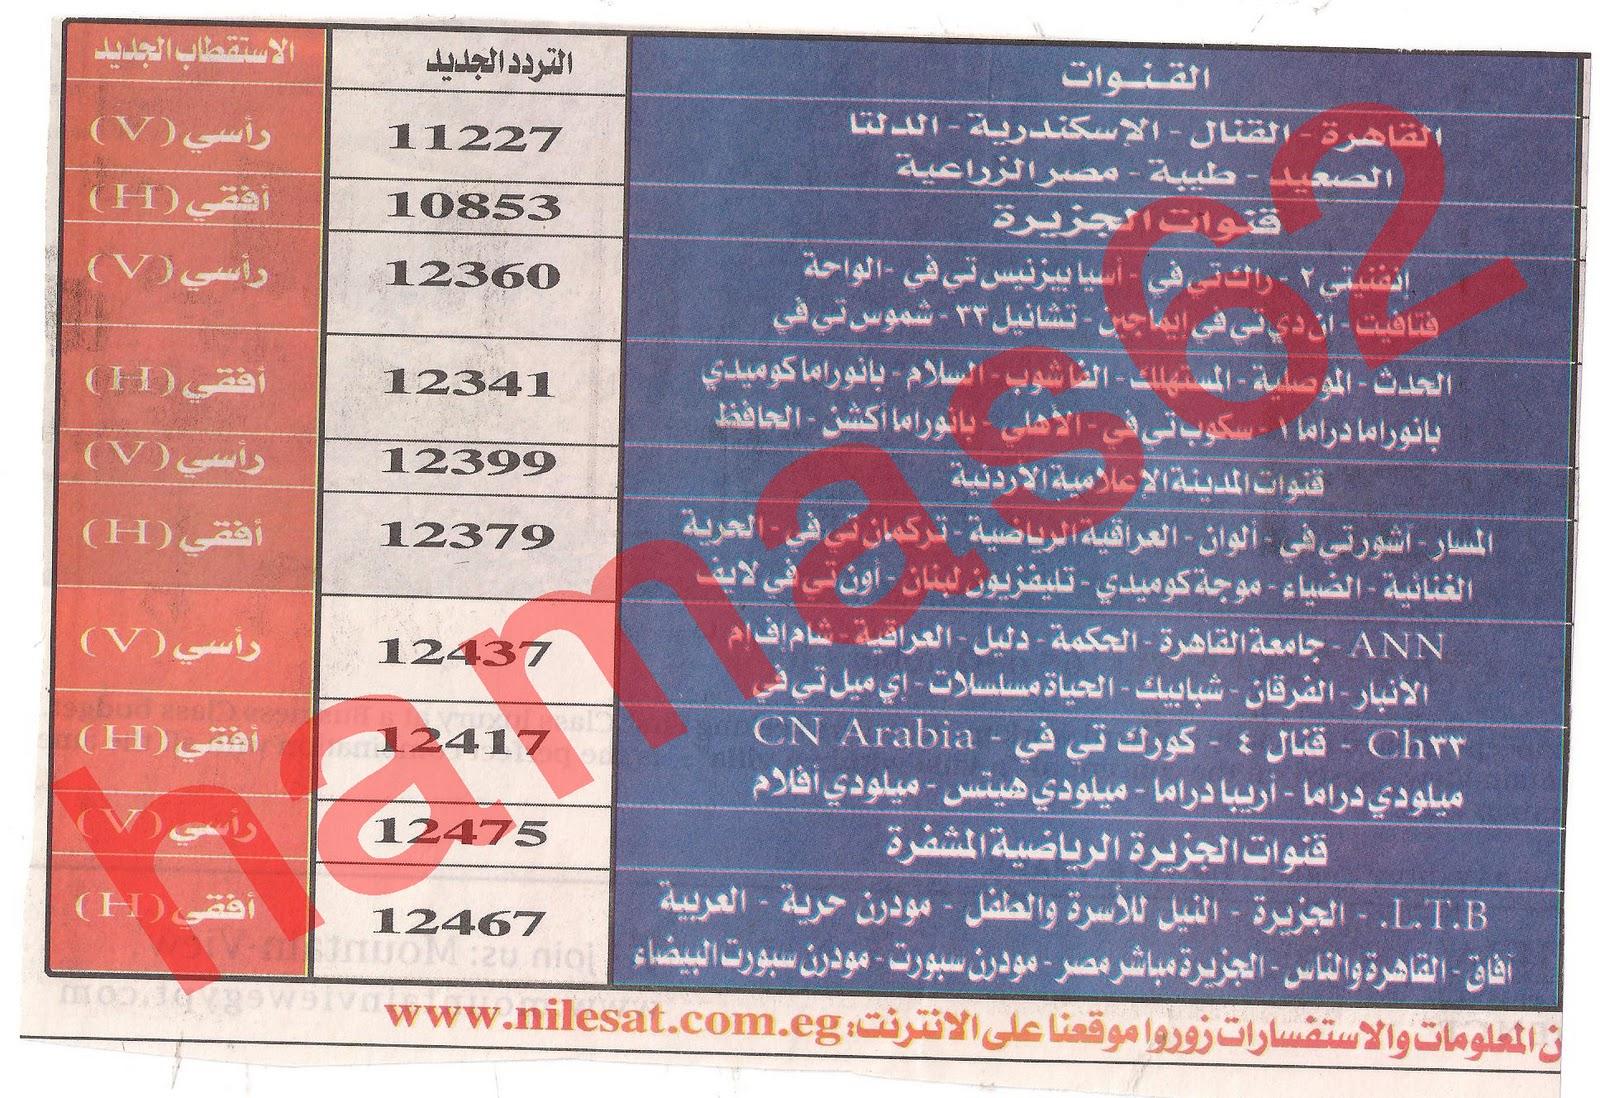 تردد قناة الجزيرة مباشر مصر الجديد اكتوبر 2011 حصرى